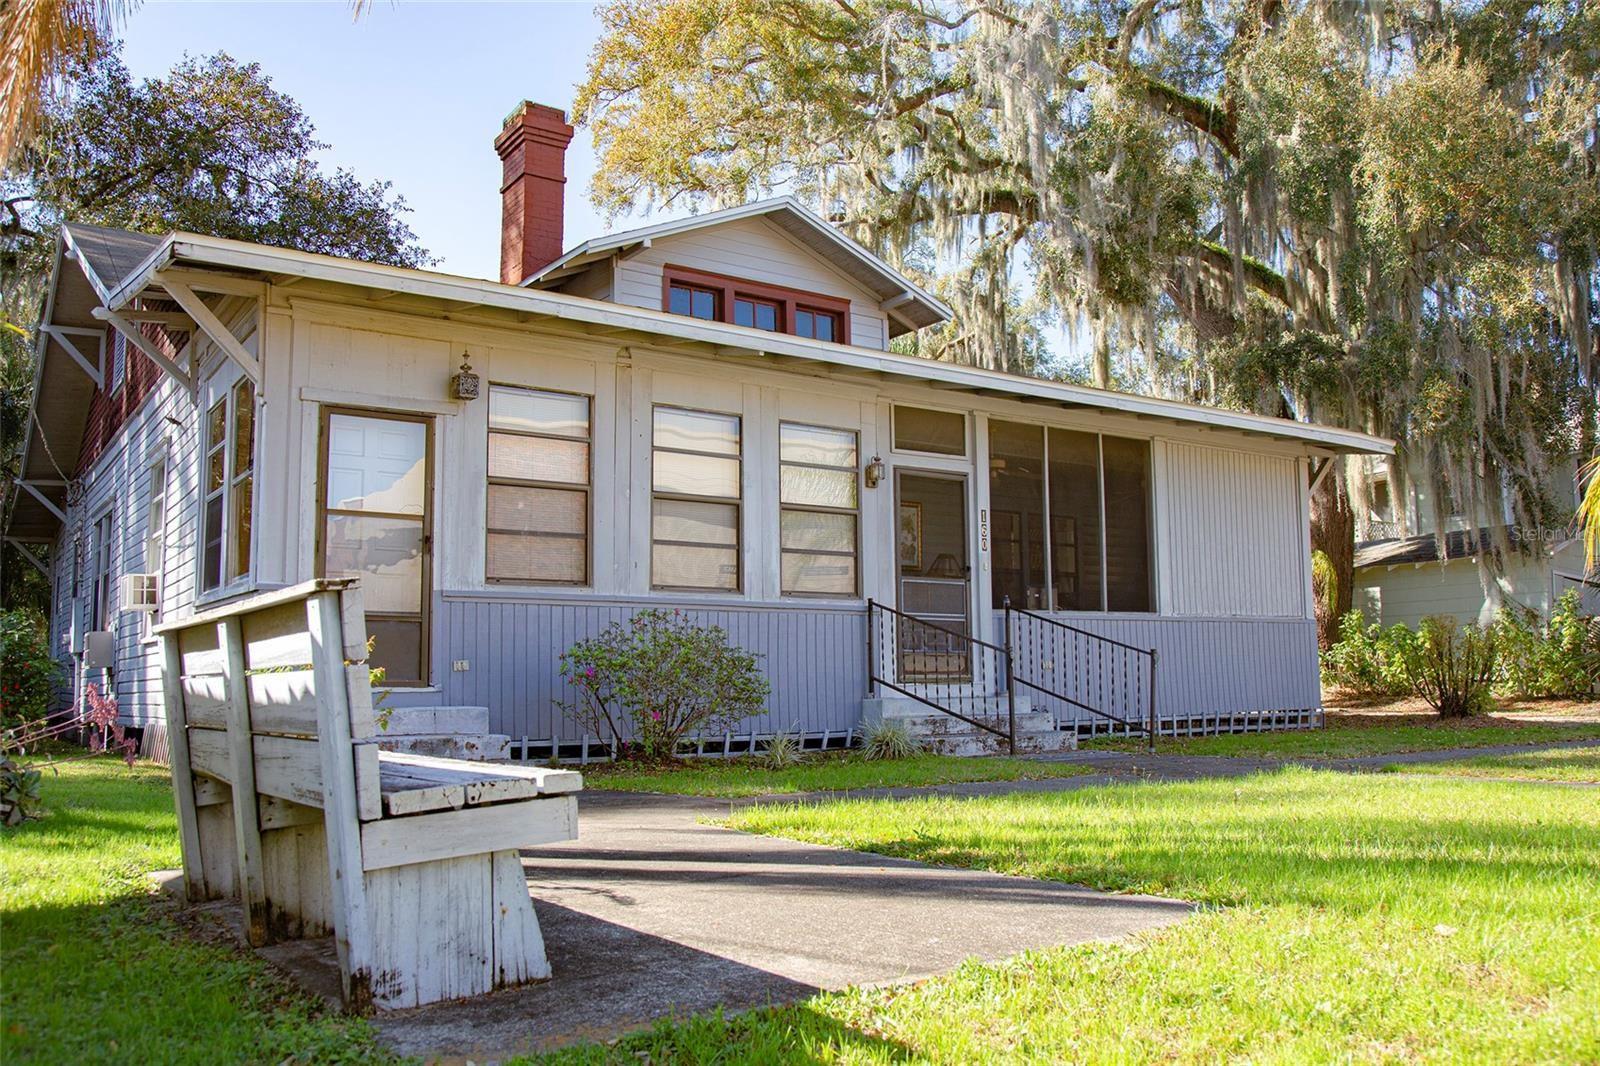 160 S LAKEVIEW AVENUE, Winter Garden, FL 34787 - #: O5971084